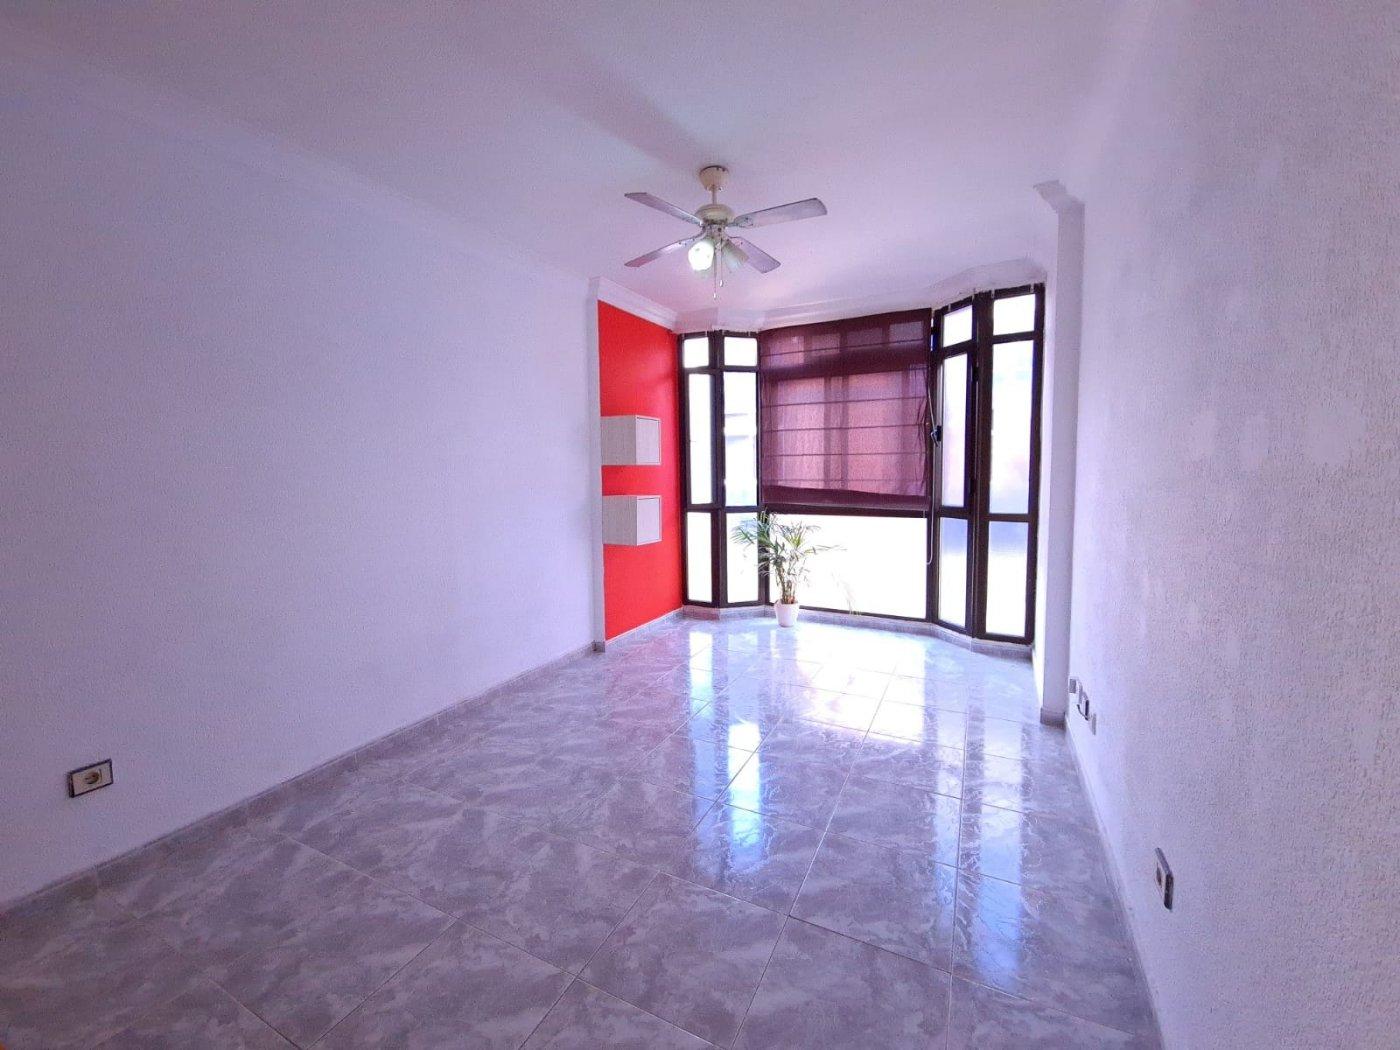 apartamento en las-palmas-de-gran-canaria · puerto 135000€